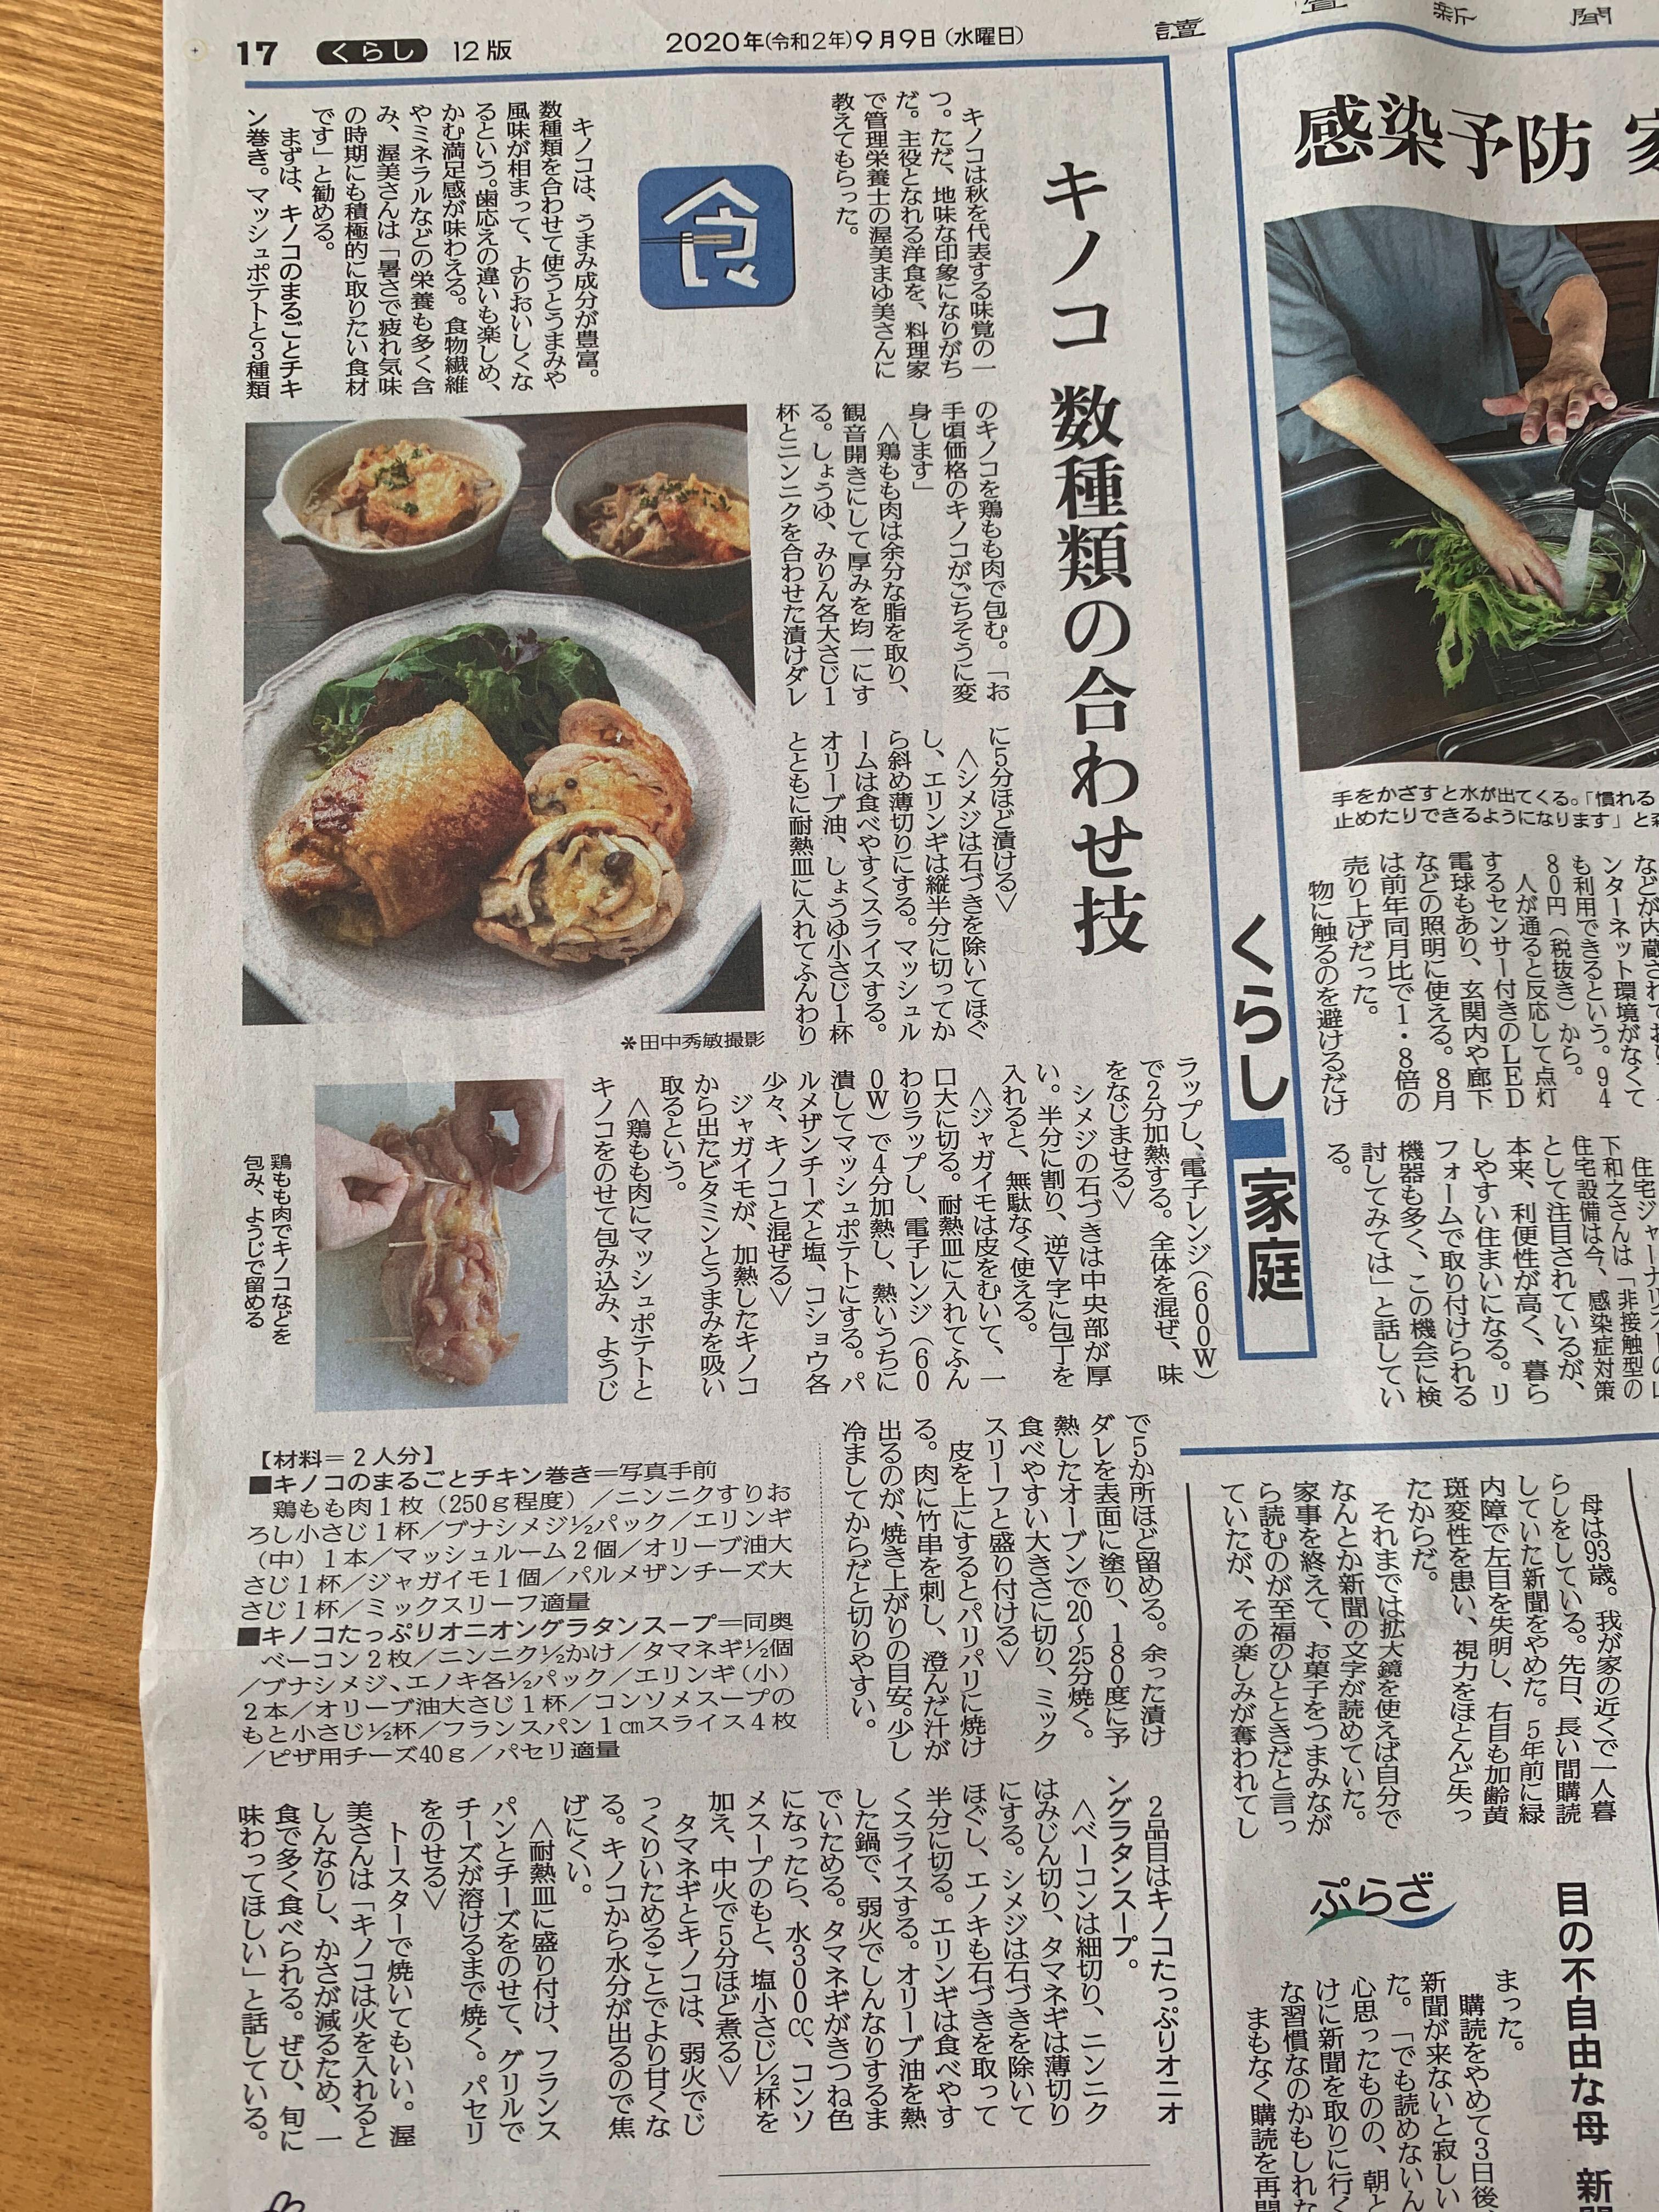 【掲載;読売新聞】ごちそうきのこレシピ(旨味を増やすコツ)